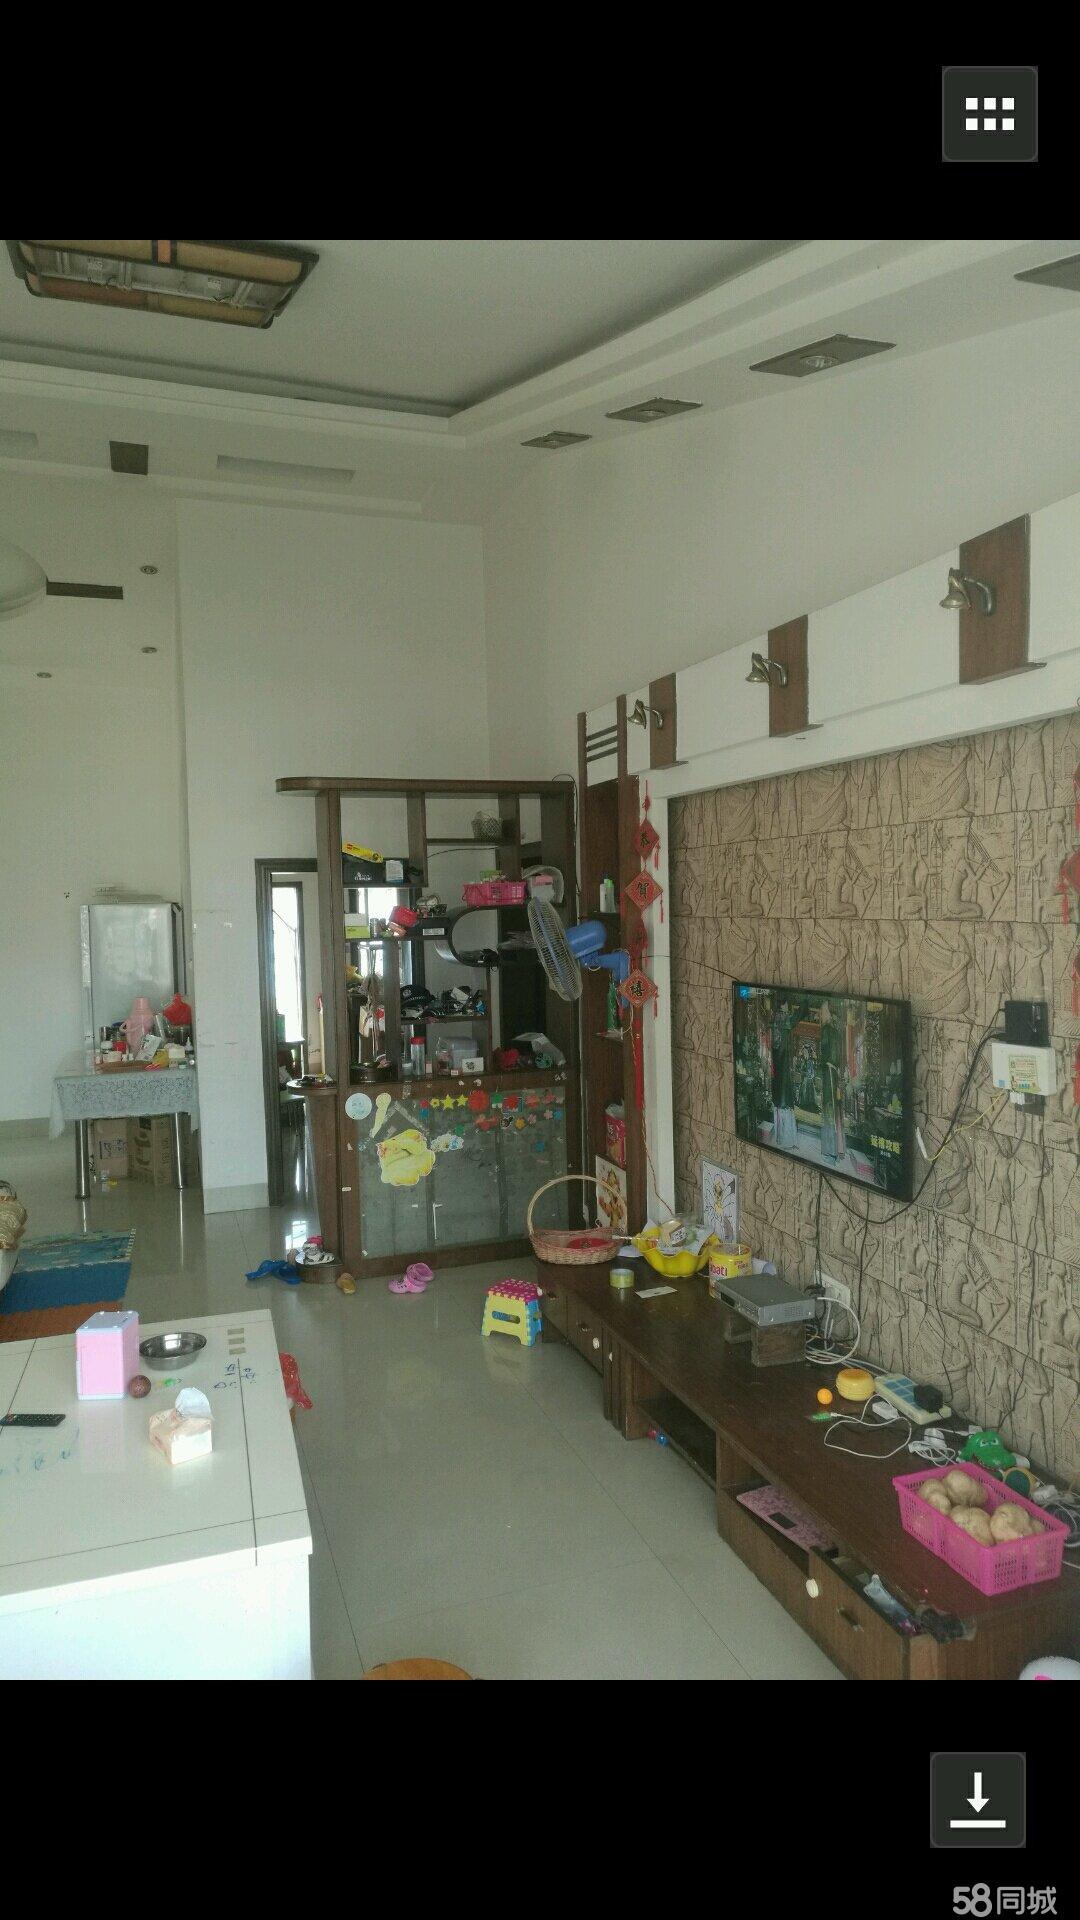 本人因经济困难急需出售套房:南丹县吉朗花园一期静园一单元